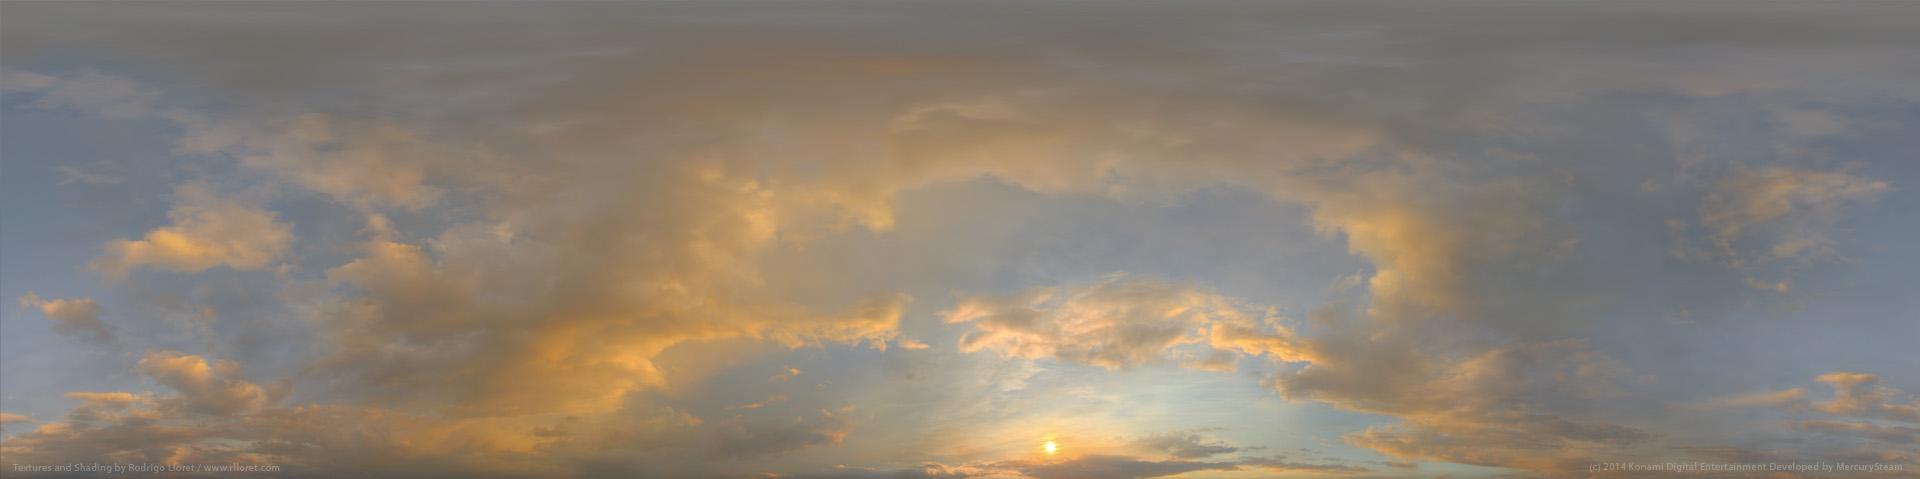 skies3.jpg